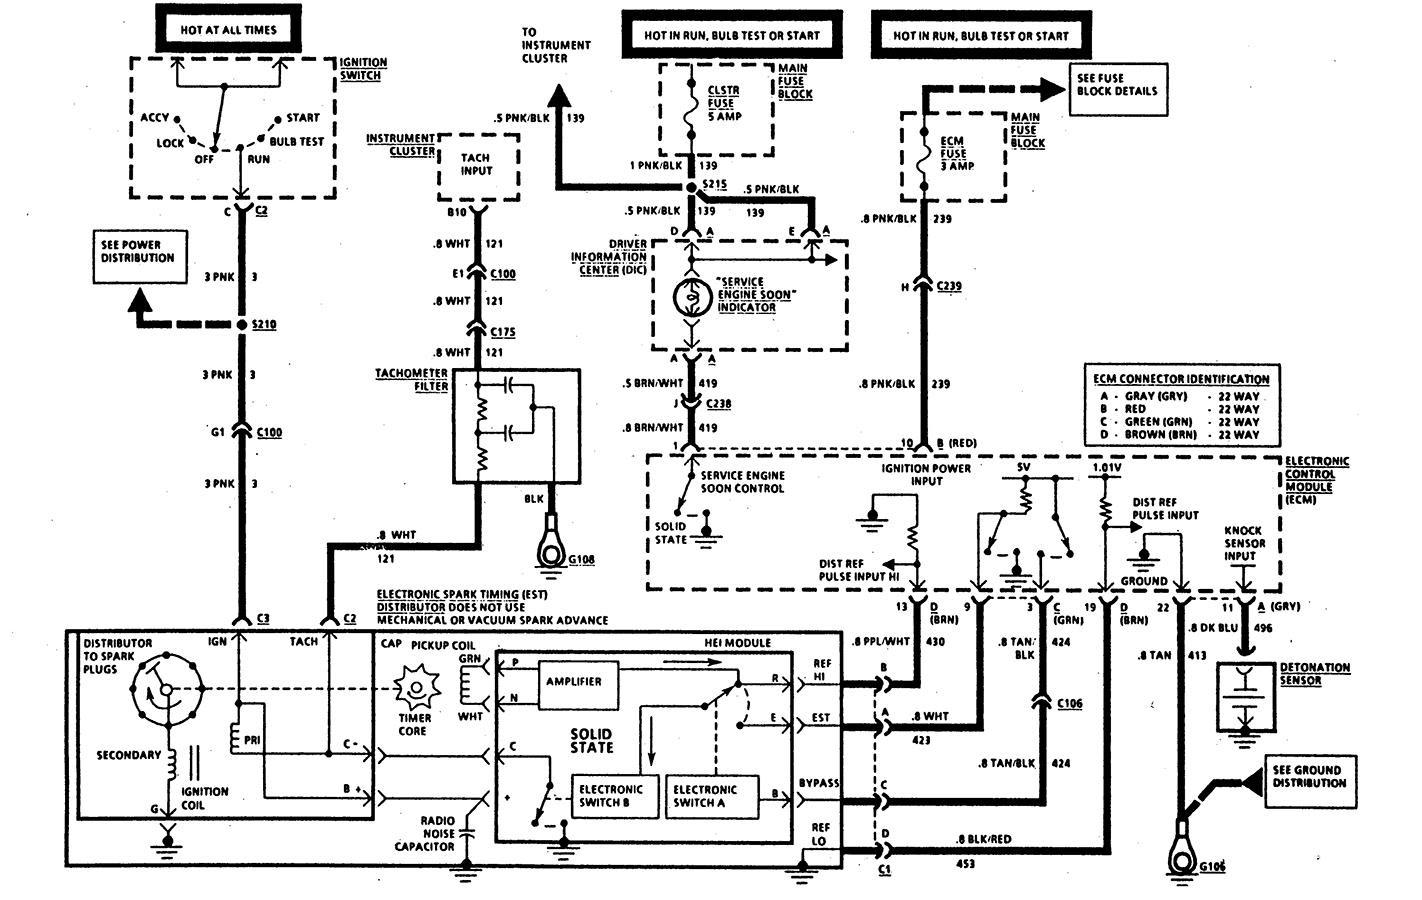 Diagram Wiring Diagram For 1991 Chevrolet Corvette Full Version Hd Quality Chevrolet Corvette Wiringservice2j Hotelboitedolomiti It